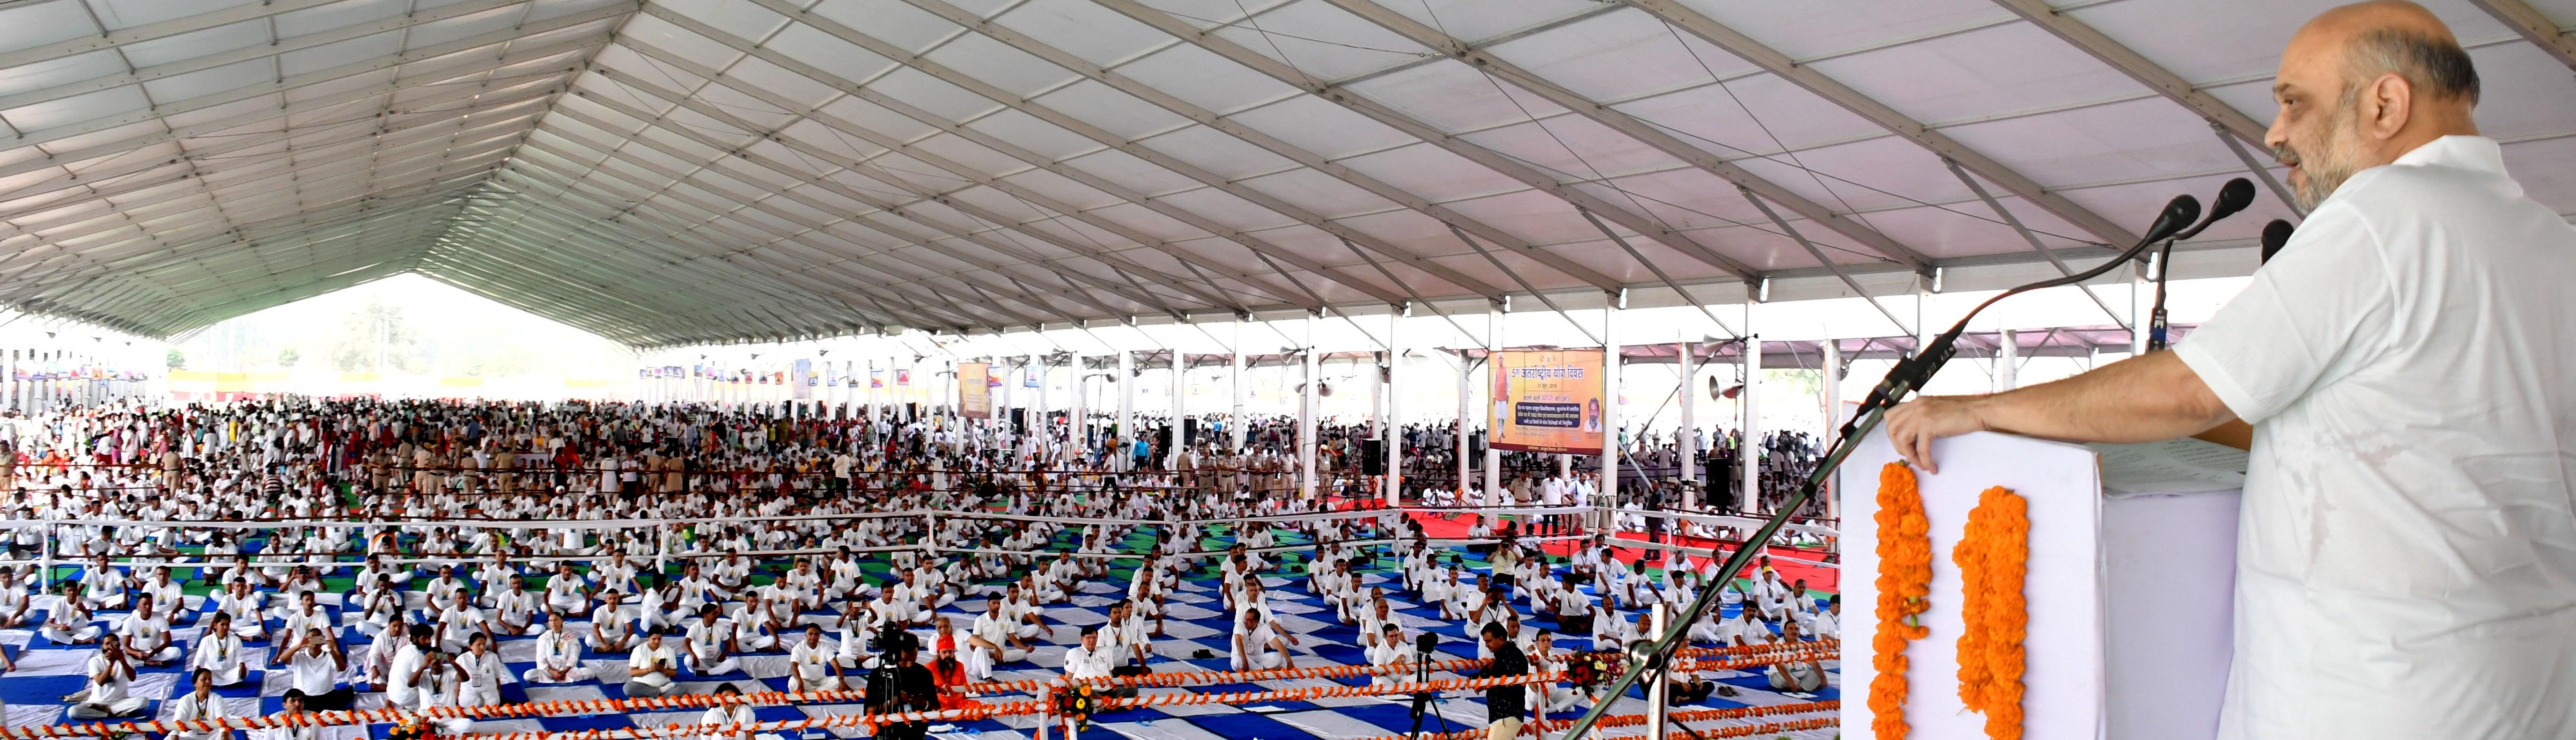 केंद्रीय गृह मंत्री श्री अमित शाह 21 जून 2019 को रोहतक, हरियाणा में 5 वें अंतर्राष्ट्रीय योग दिवस समारोह में  प्रतिभागियों को संबोधित करते हुए ।